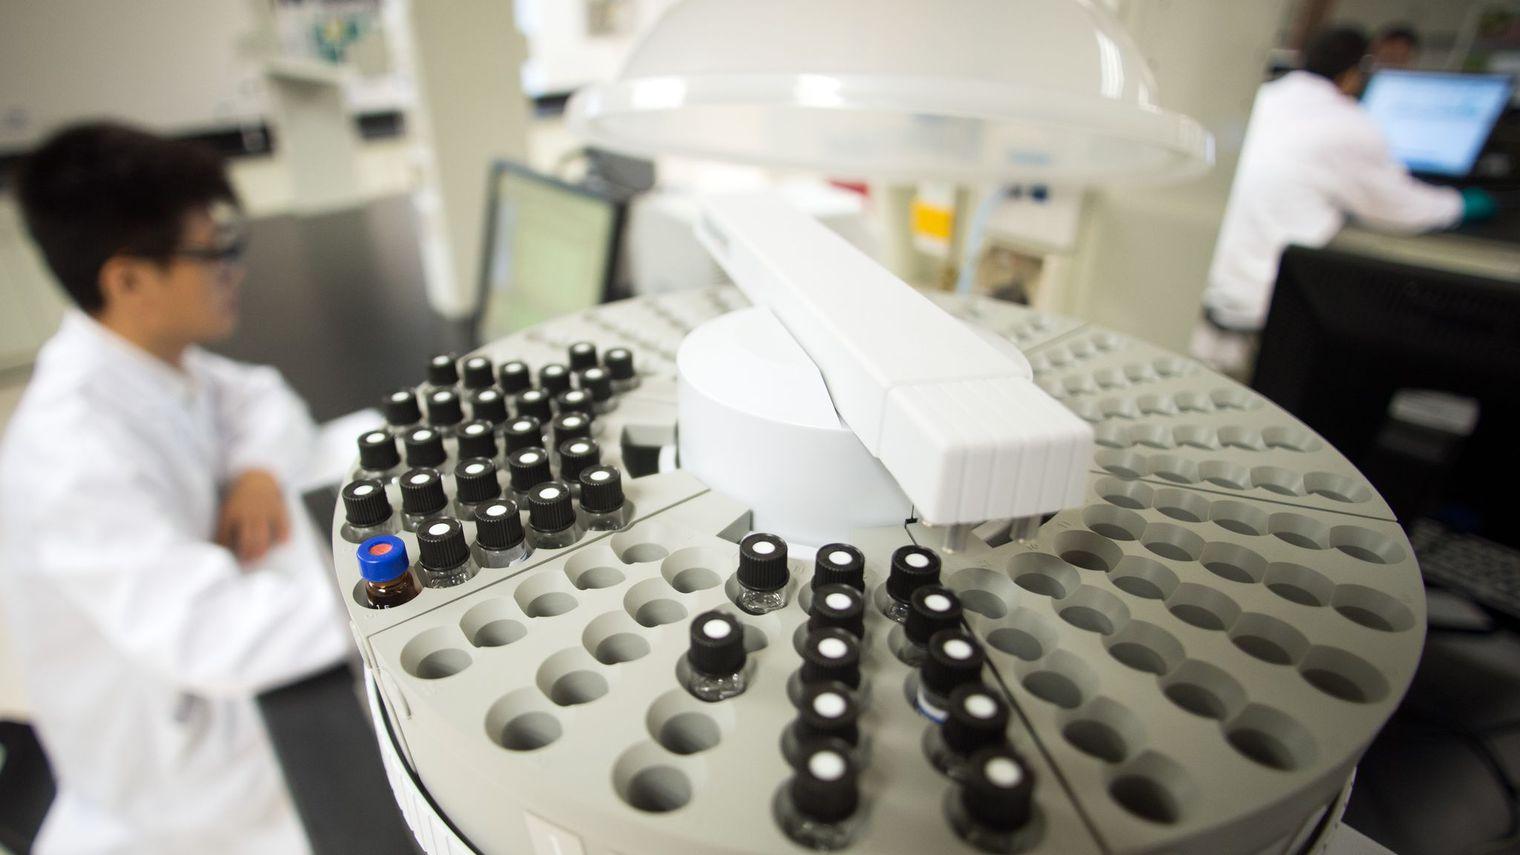 """Les """"super-bactéries"""", un axe de recherche  crucial en quête d'un modèle économique viable"""